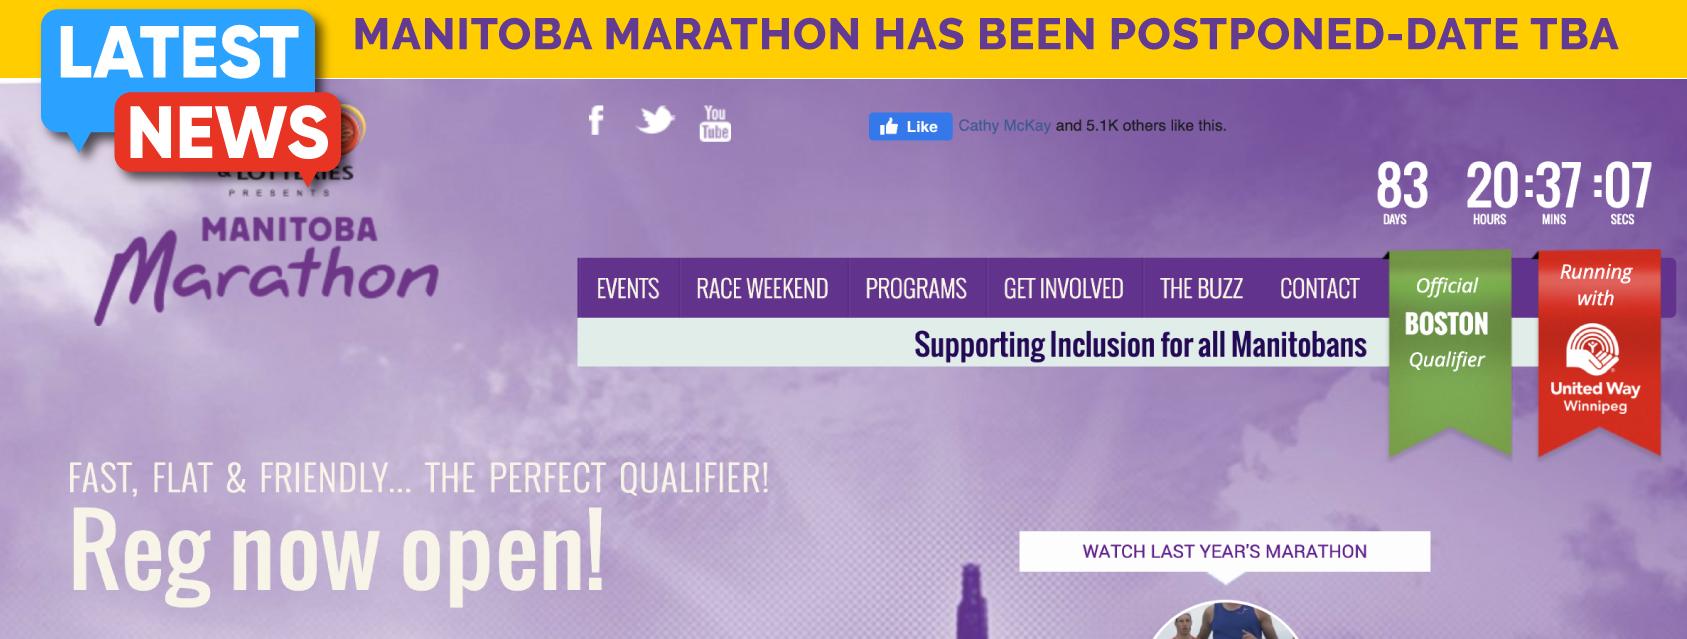 MRAheaderslider2020_marathon